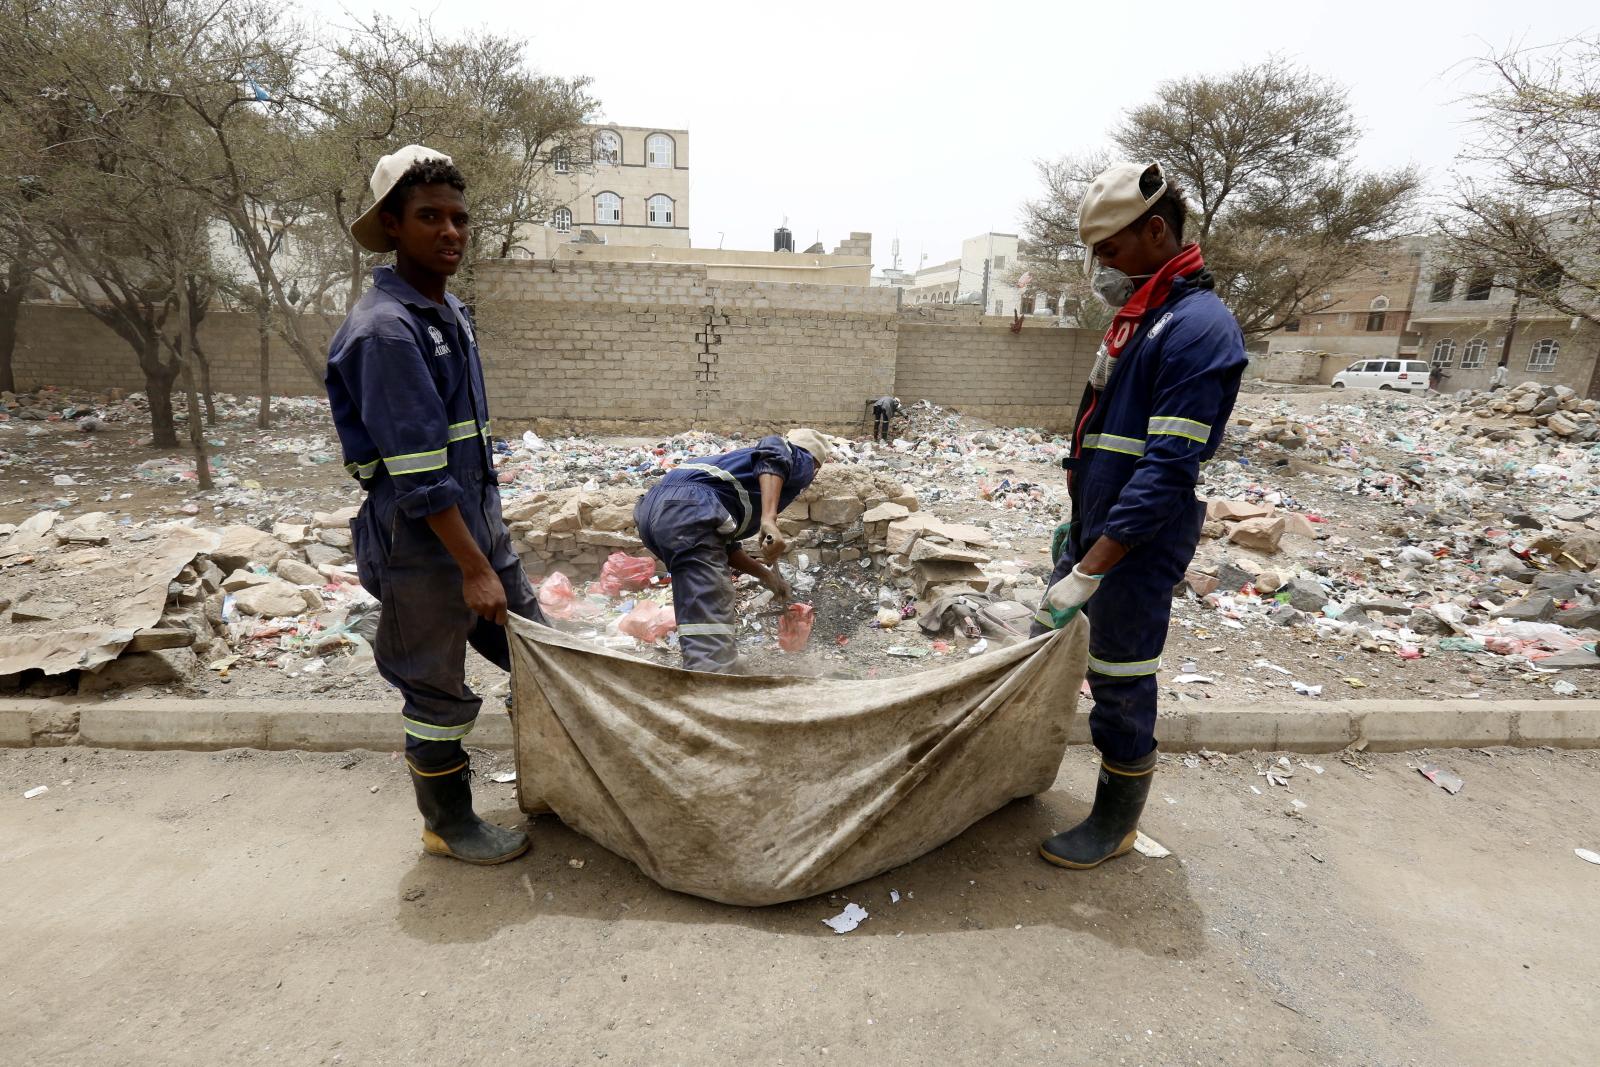 Pracownicy sanitarni oczyszczają ulicę w dzielnicy mieszkalnej w ramach kampanii przeciwko cholerze w Jemenie/EPA/YAHYA ARHAB